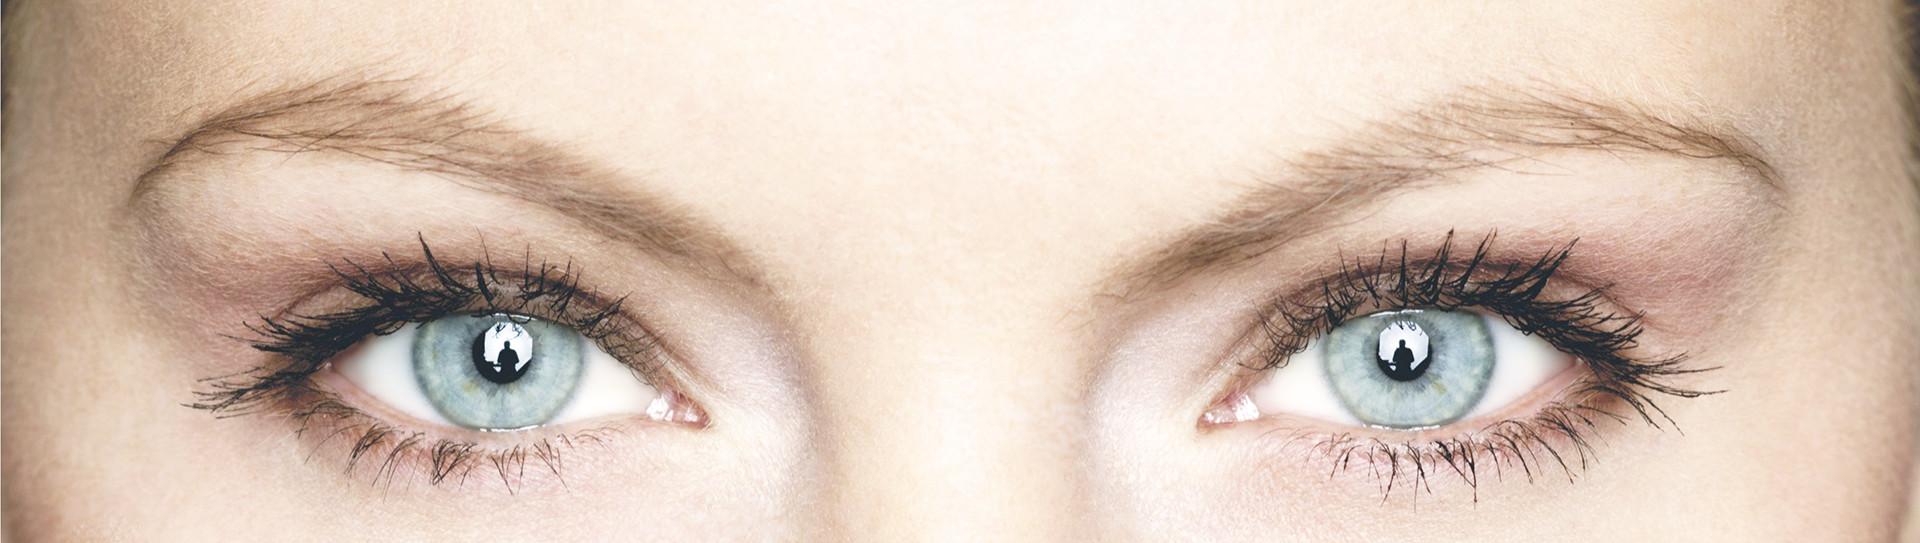 Titelbild Augen | Augenarzt Weilheim > Visulase